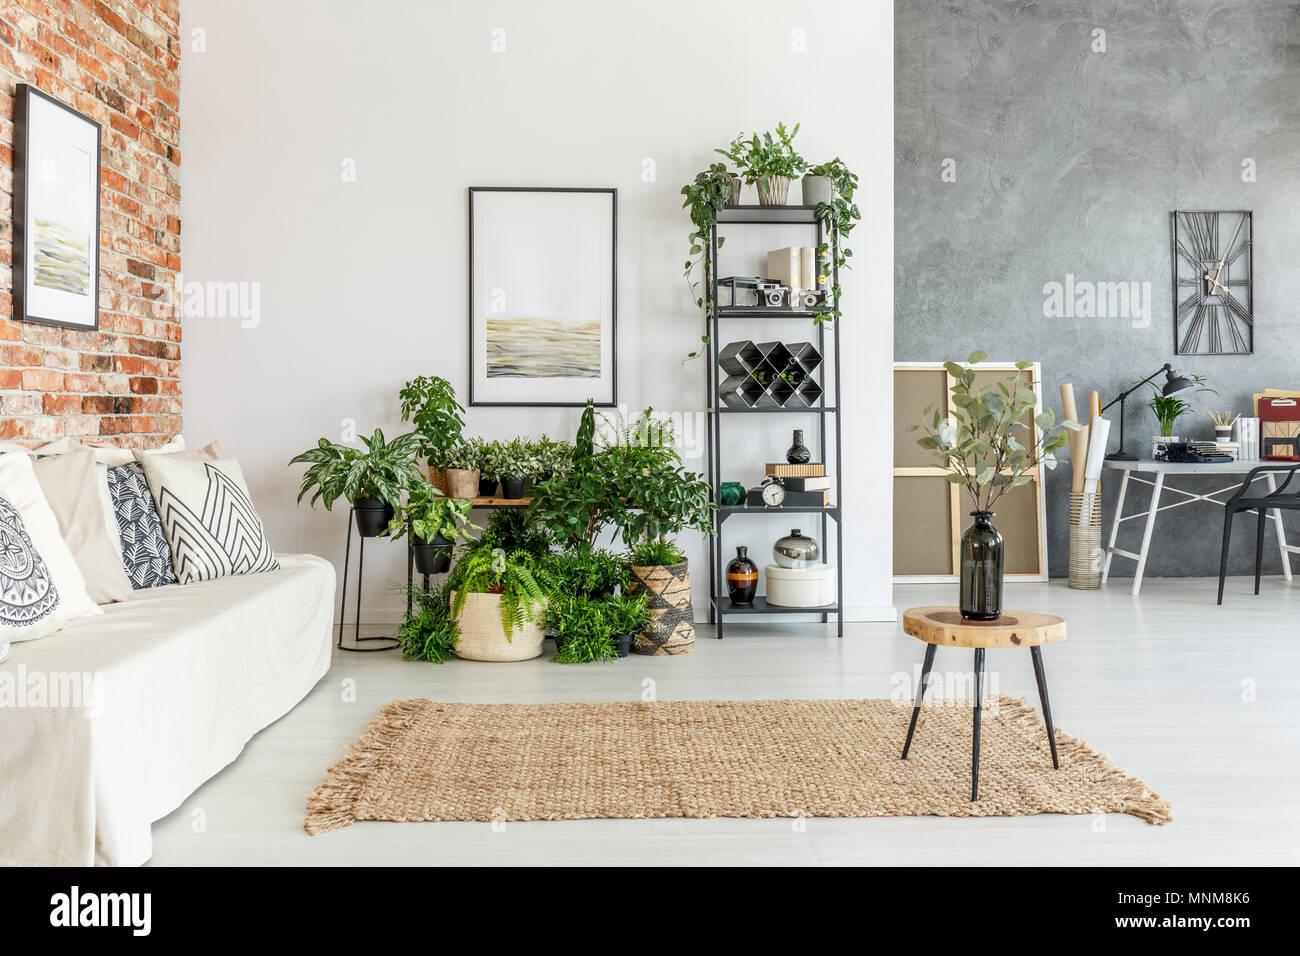 Raum Wohnzimmer Auf Ziegelmauer Mit Pflanzen Und Moderner Arbeitsbereich  öffnen